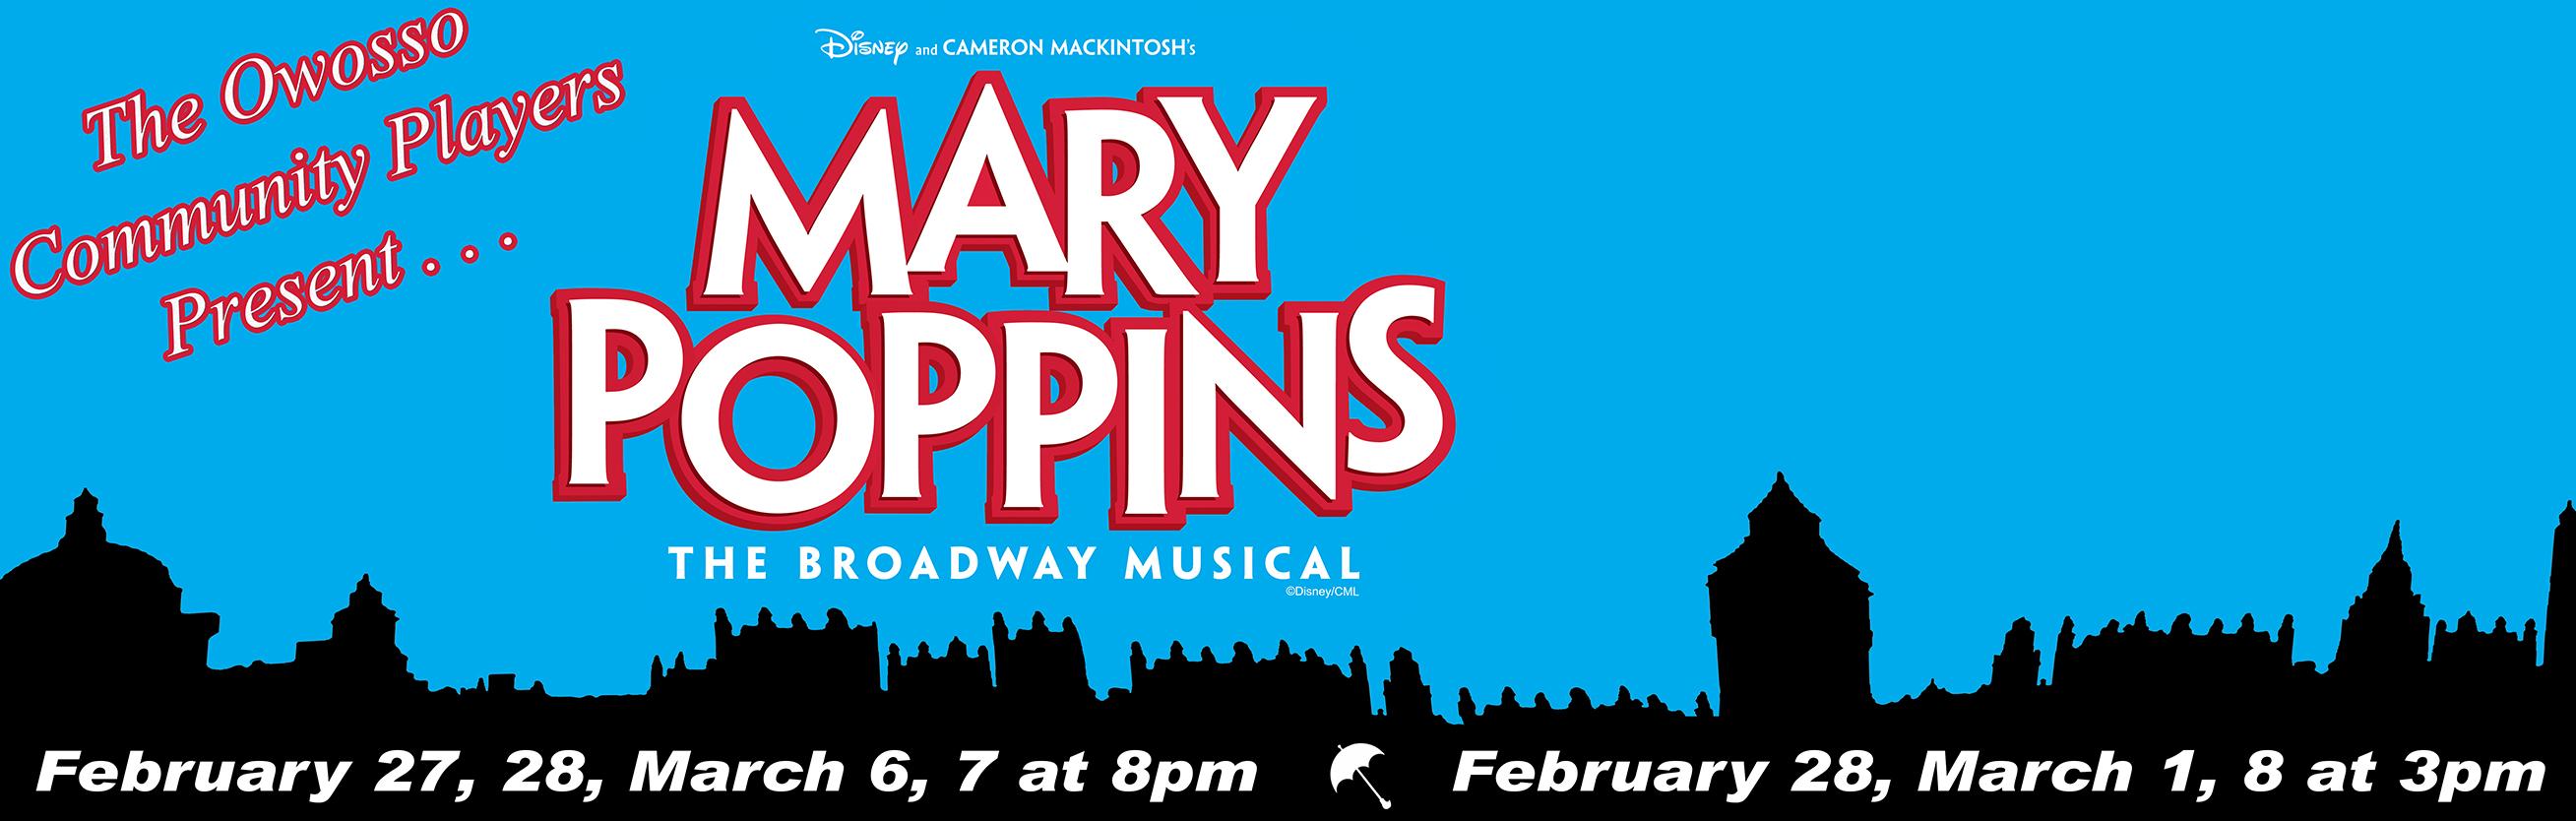 Mary Poppins slider